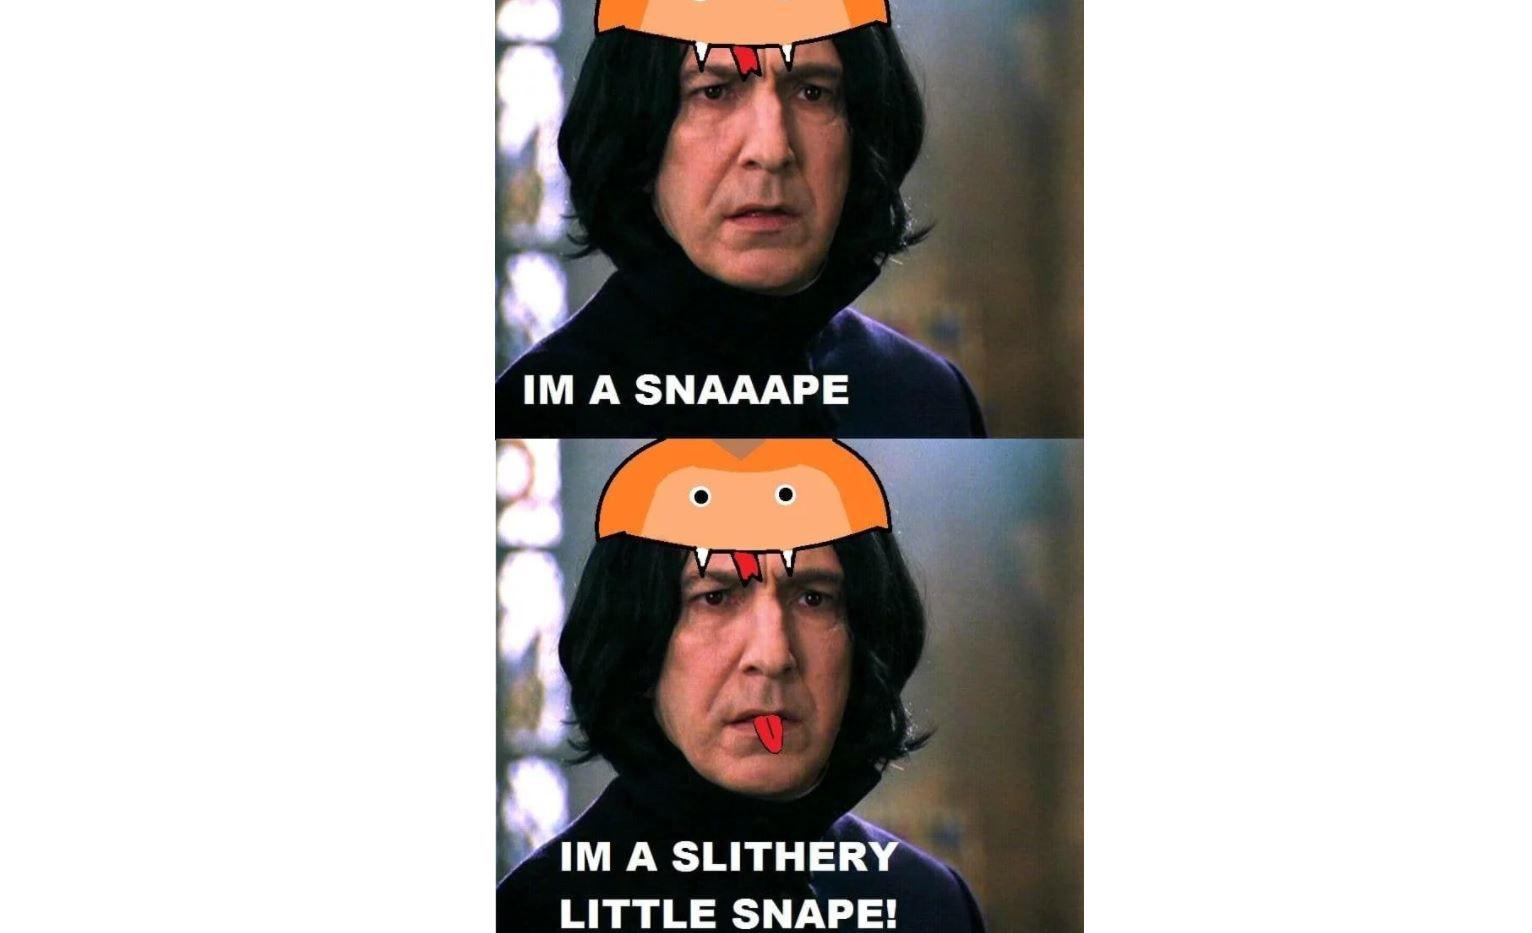 Slithery Snape meme